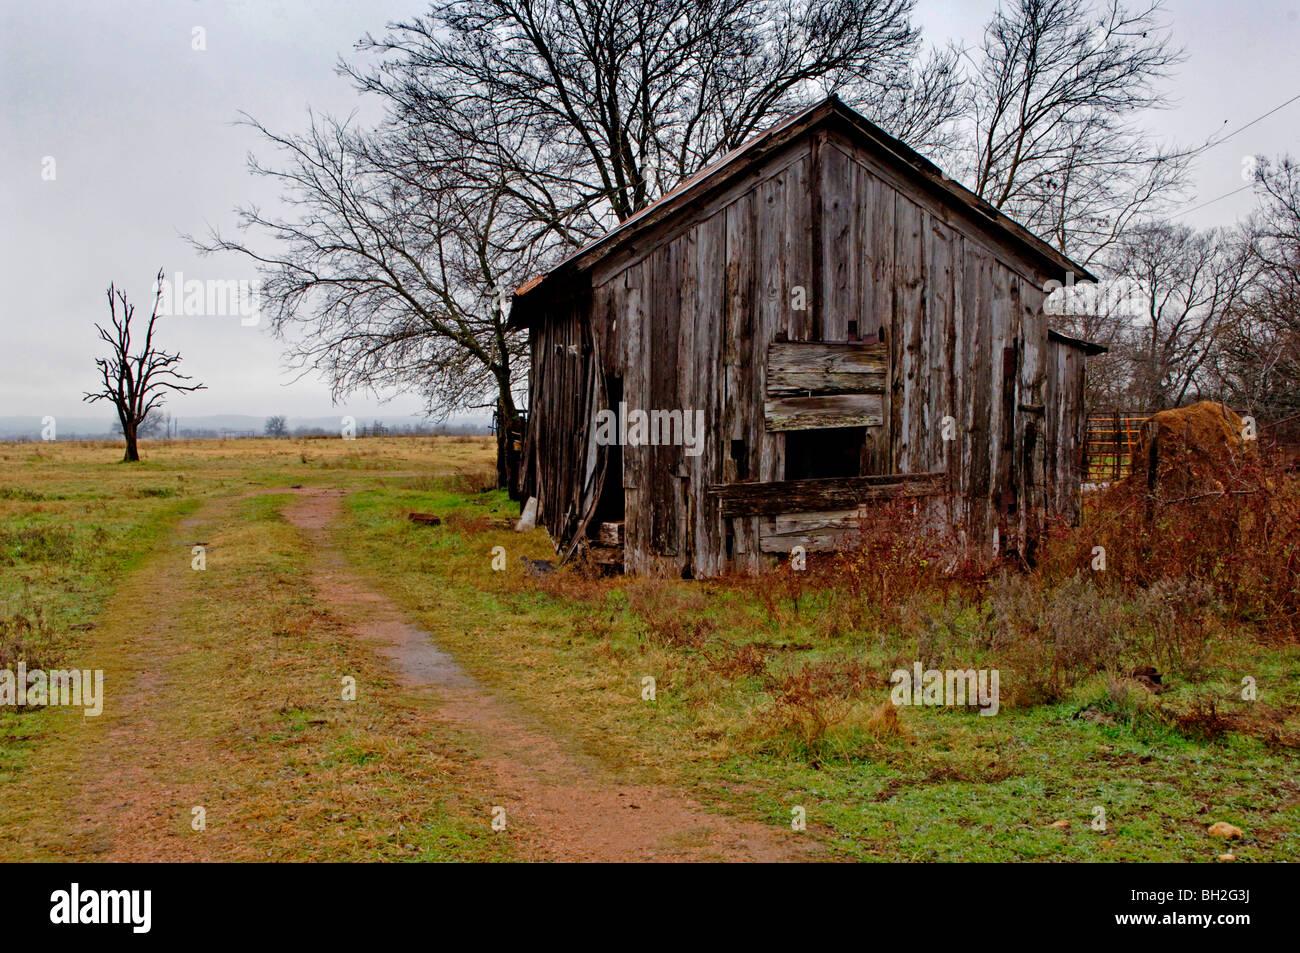 Rustic Barns rural american farm run down stock photos & rural american farm